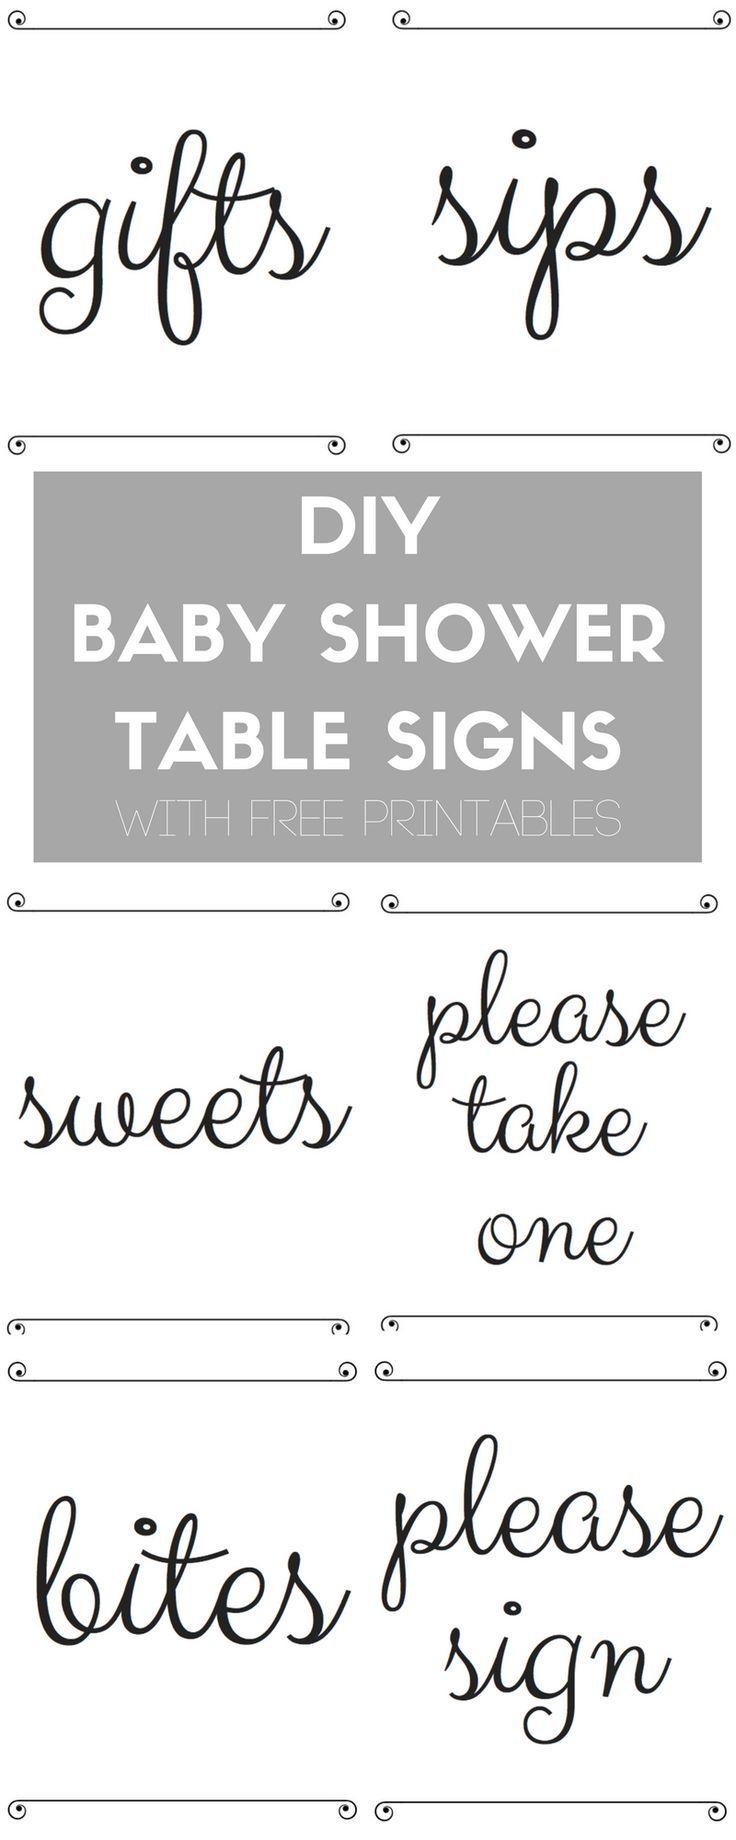 Panneaux de table de douche bébé bricolage avec imprimables gratuites